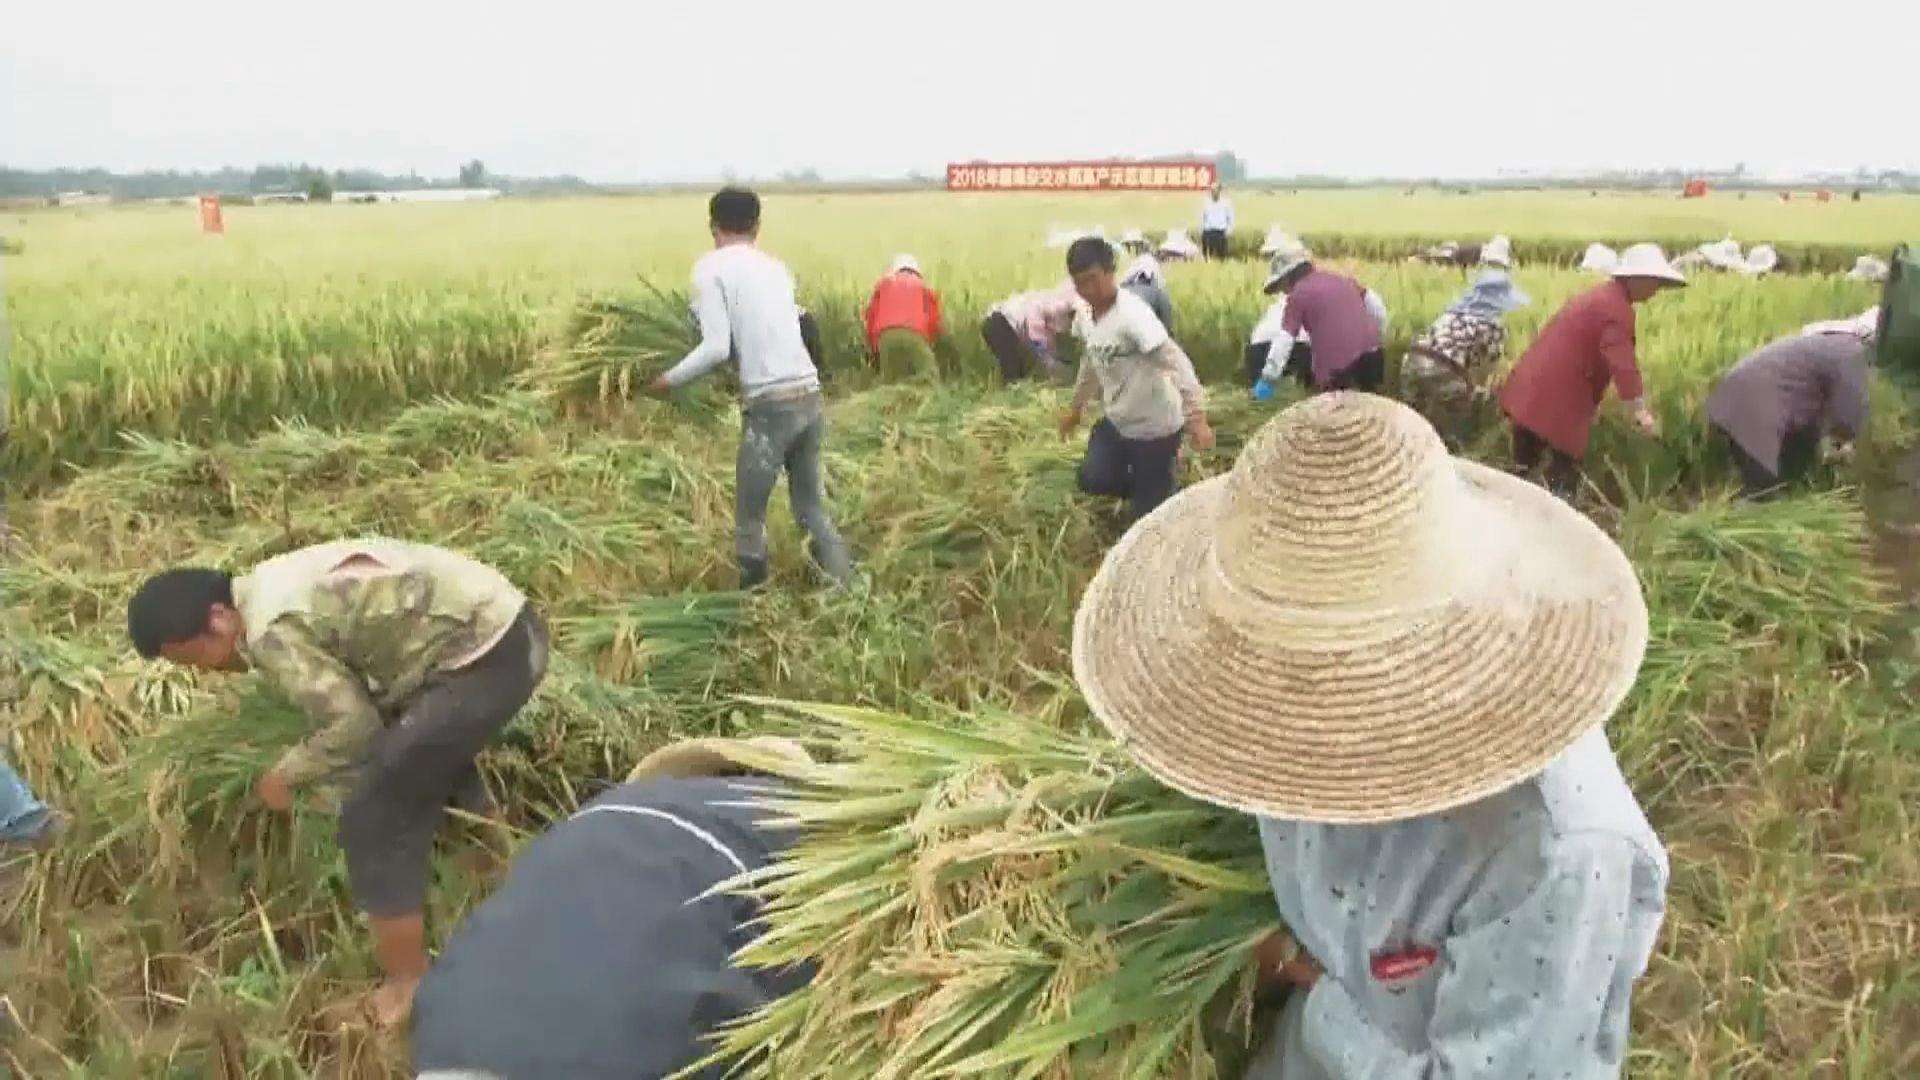 國務院白皮書:貧困農村居民人均收入年均增11.6%